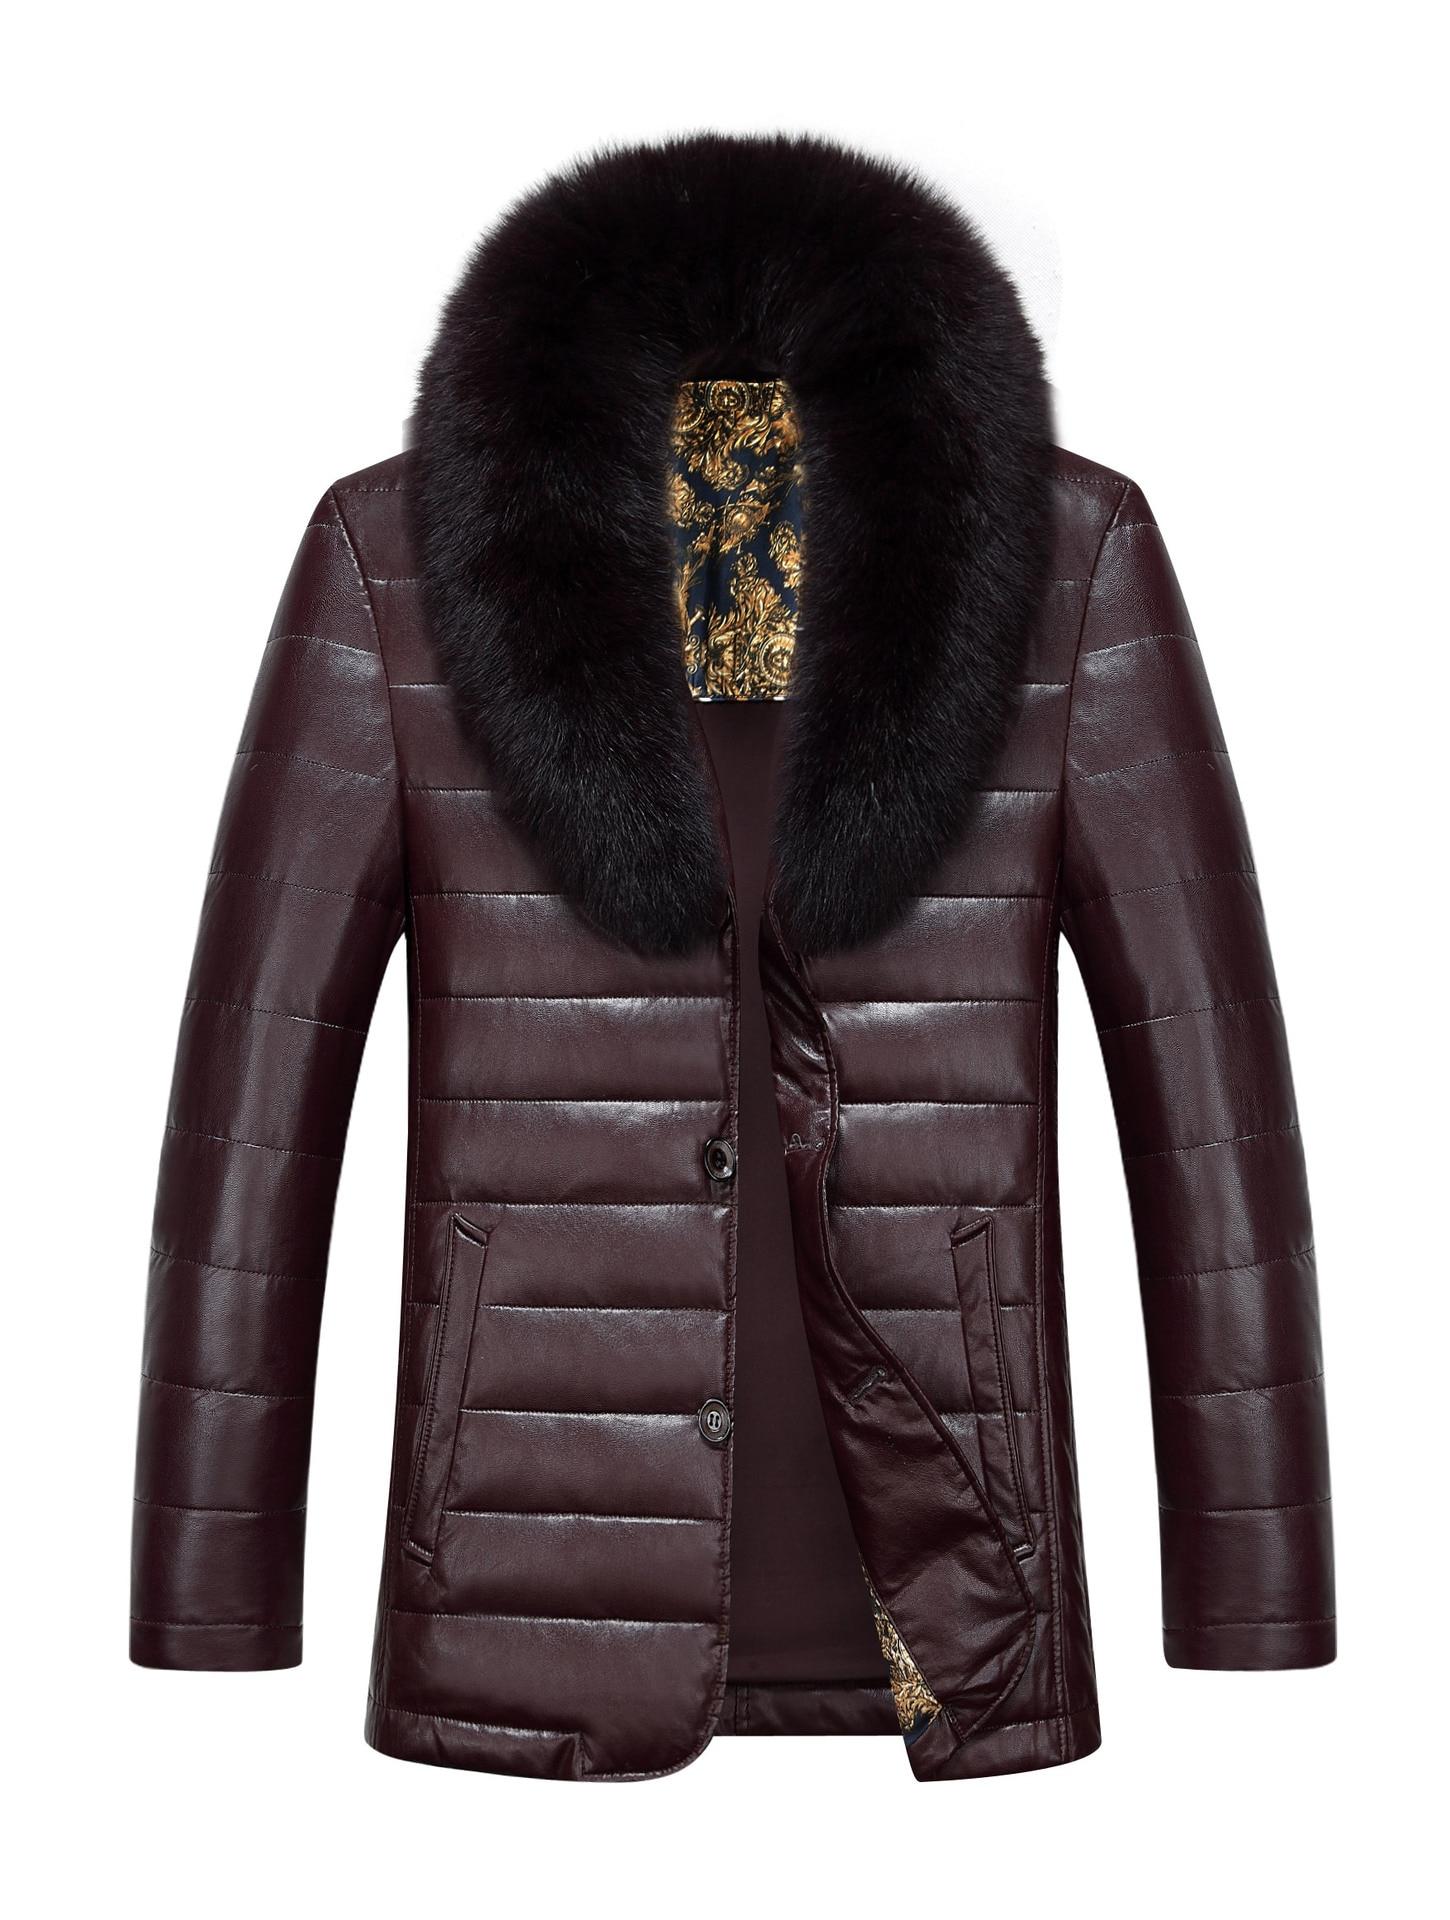 De Gros Veste Masculine Vison red Mouton D'hiver En Col Brown Peau Hommes 1312 Le Manteau Cuir jaune Nouvelle Bas Vers Mode Noir qw8TTtF